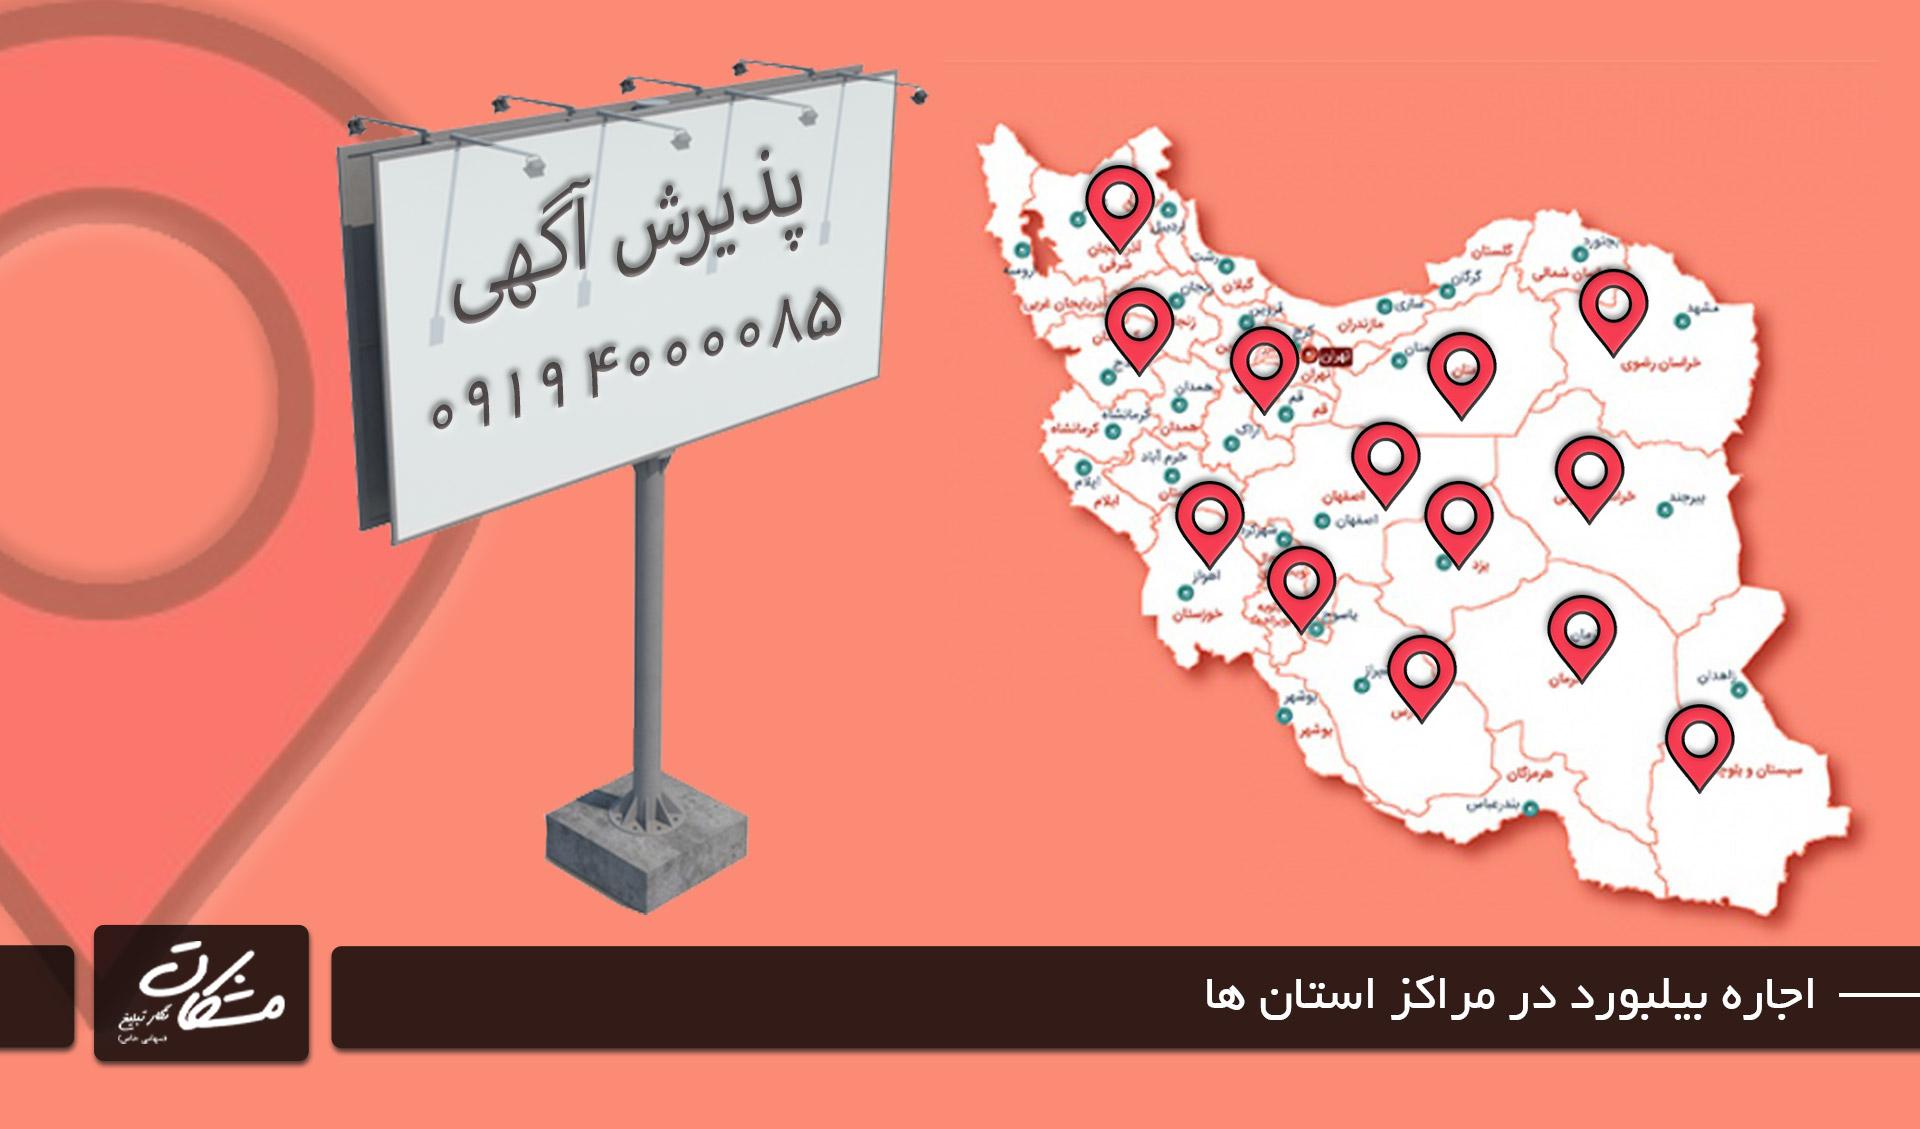 اجاره بیلبورد در مراکز استان ها